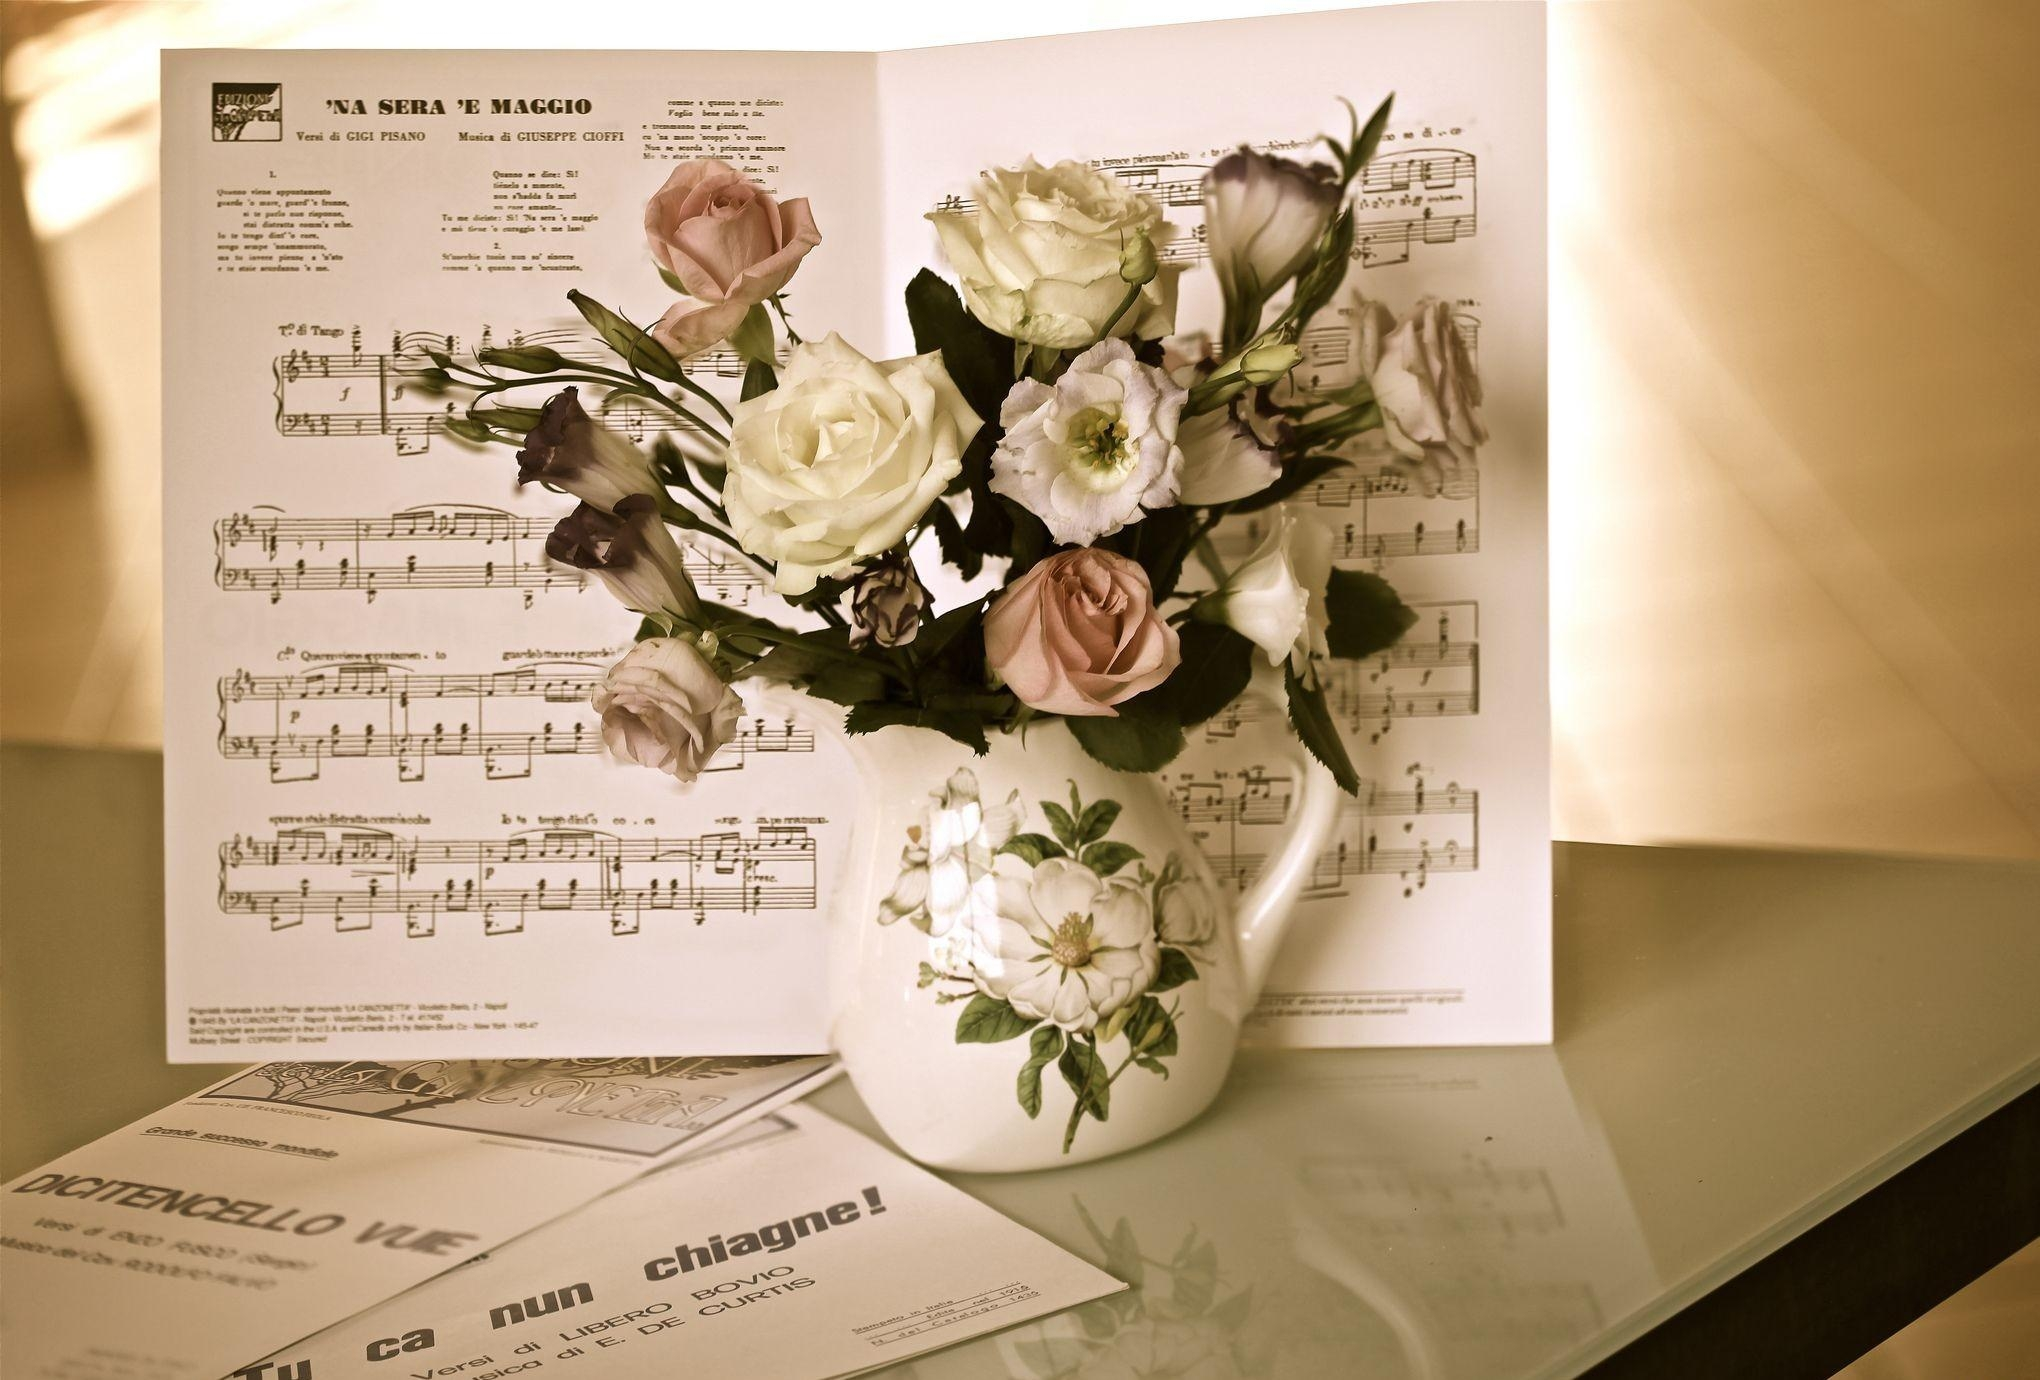 134353 Hintergrundbild herunterladen Musik, Blumen, Roses, Strauß, Bouquet, Krug, Tisch, Tabelle, Anmerkungen - Bildschirmschoner und Bilder kostenlos